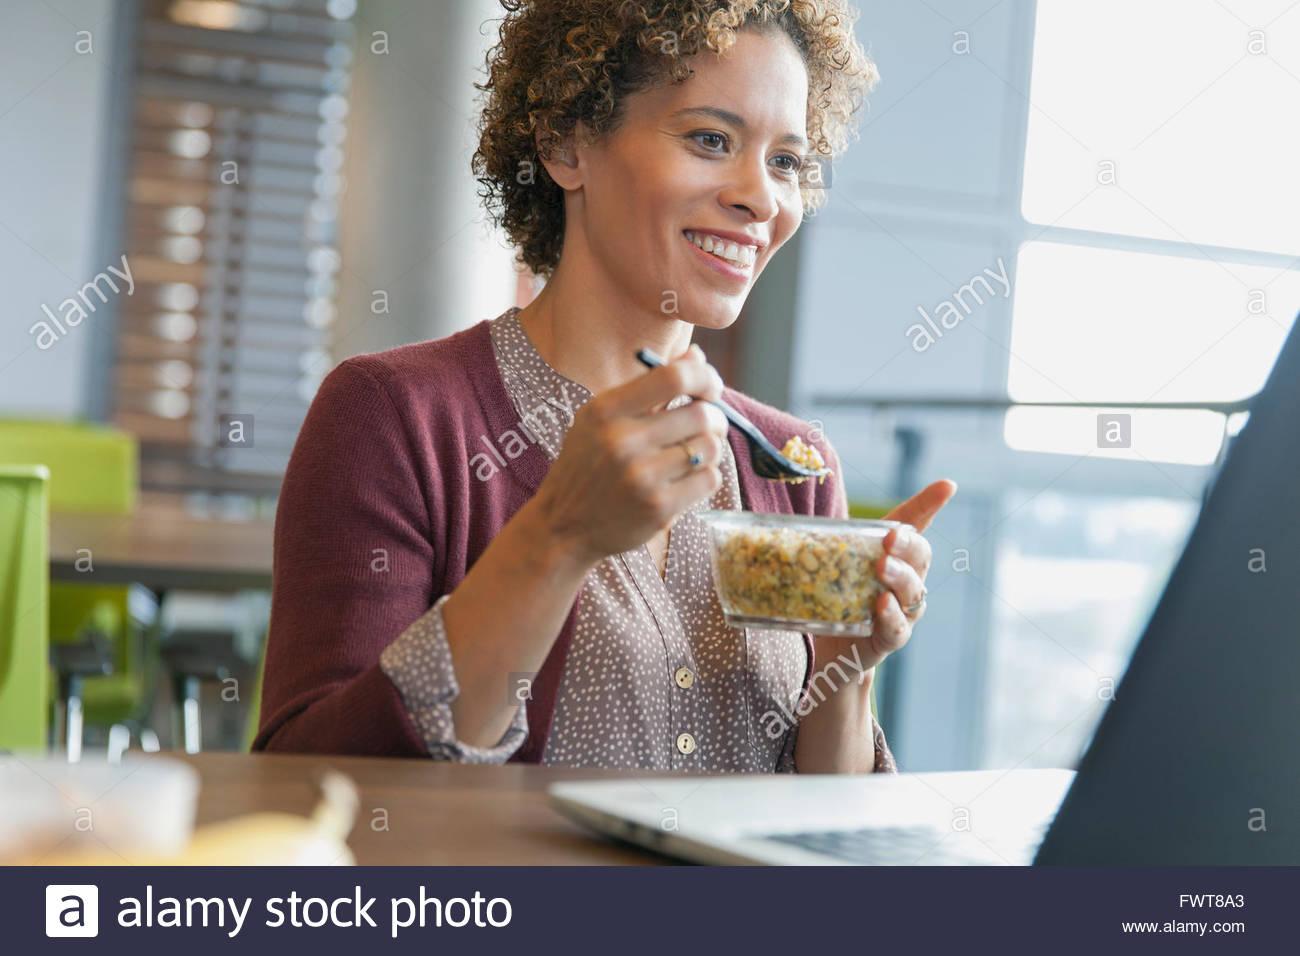 Donna sorridente come lei snack presso il suo computer portatile. Immagini Stock